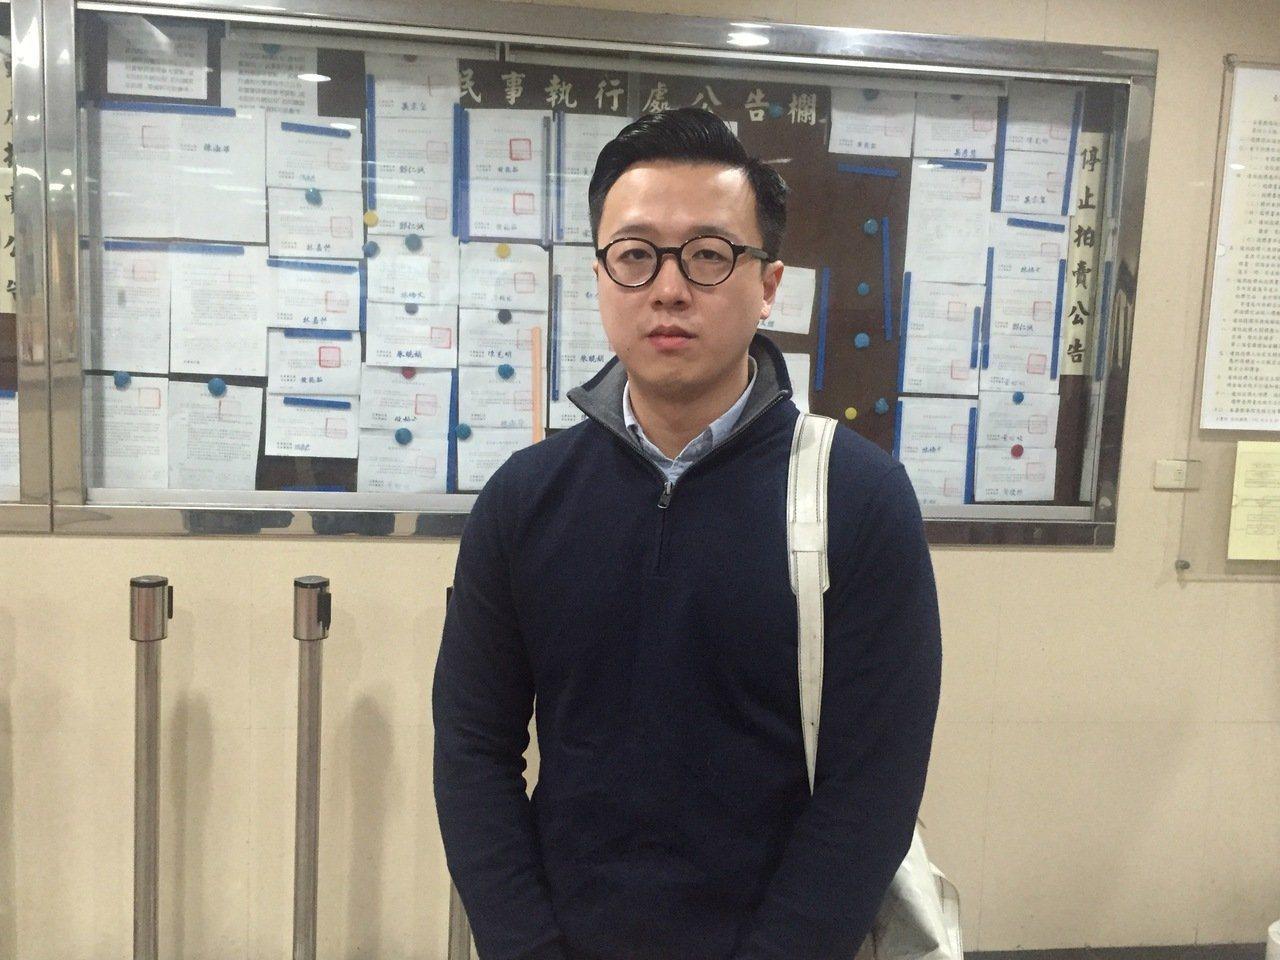 國民黨草協聯盟發起人李正皓。本報資料照片